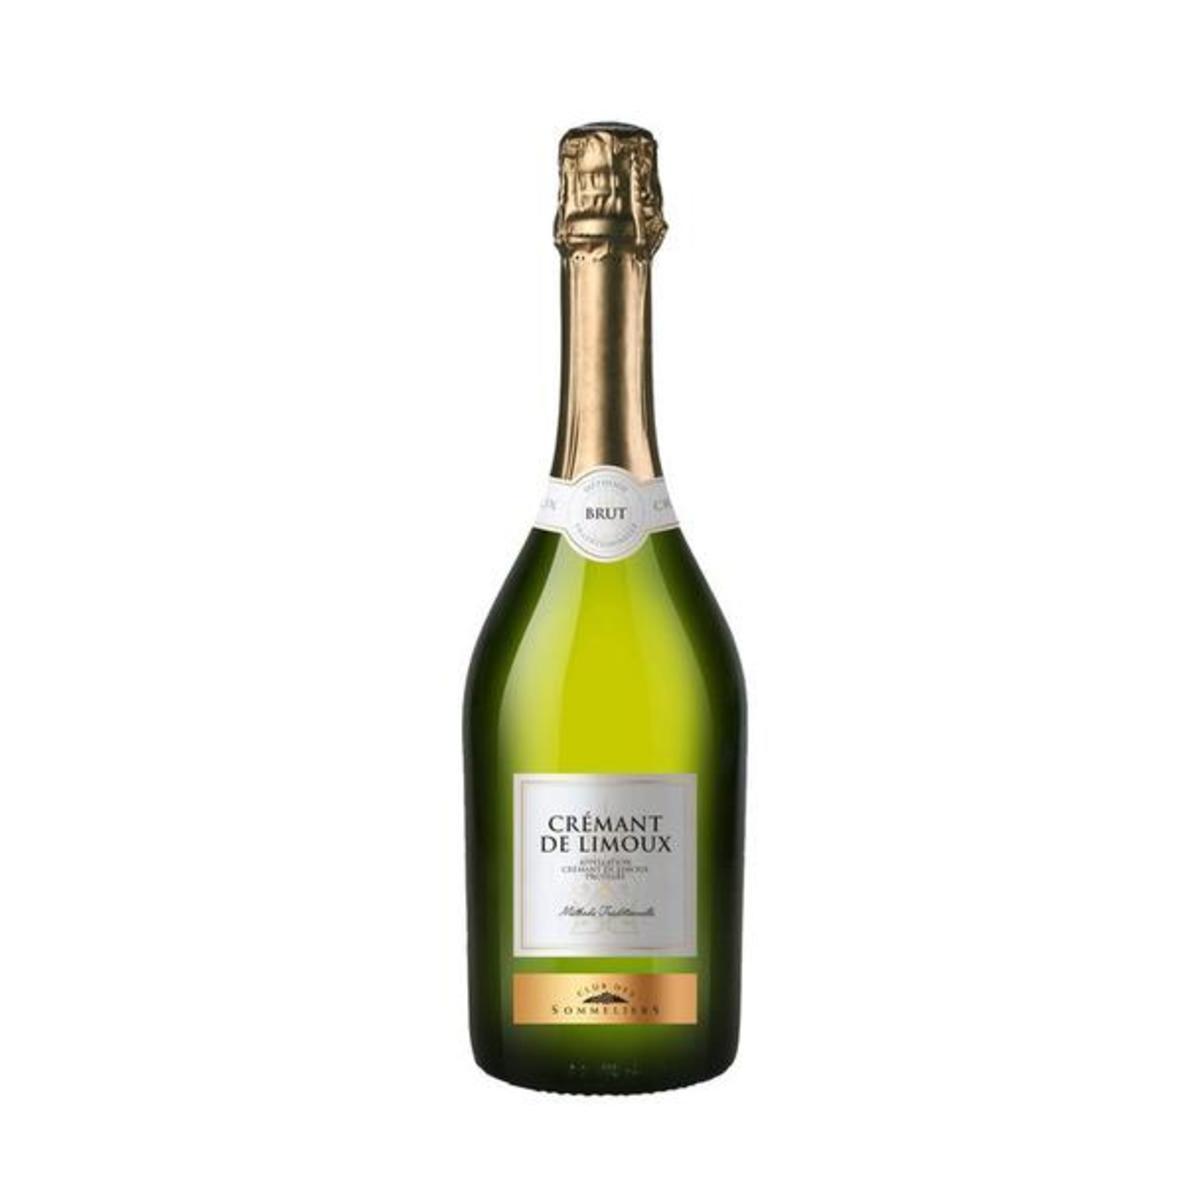 法國直送 - Cremant Limoux Brut White Club Des Sommeliers (750ml)